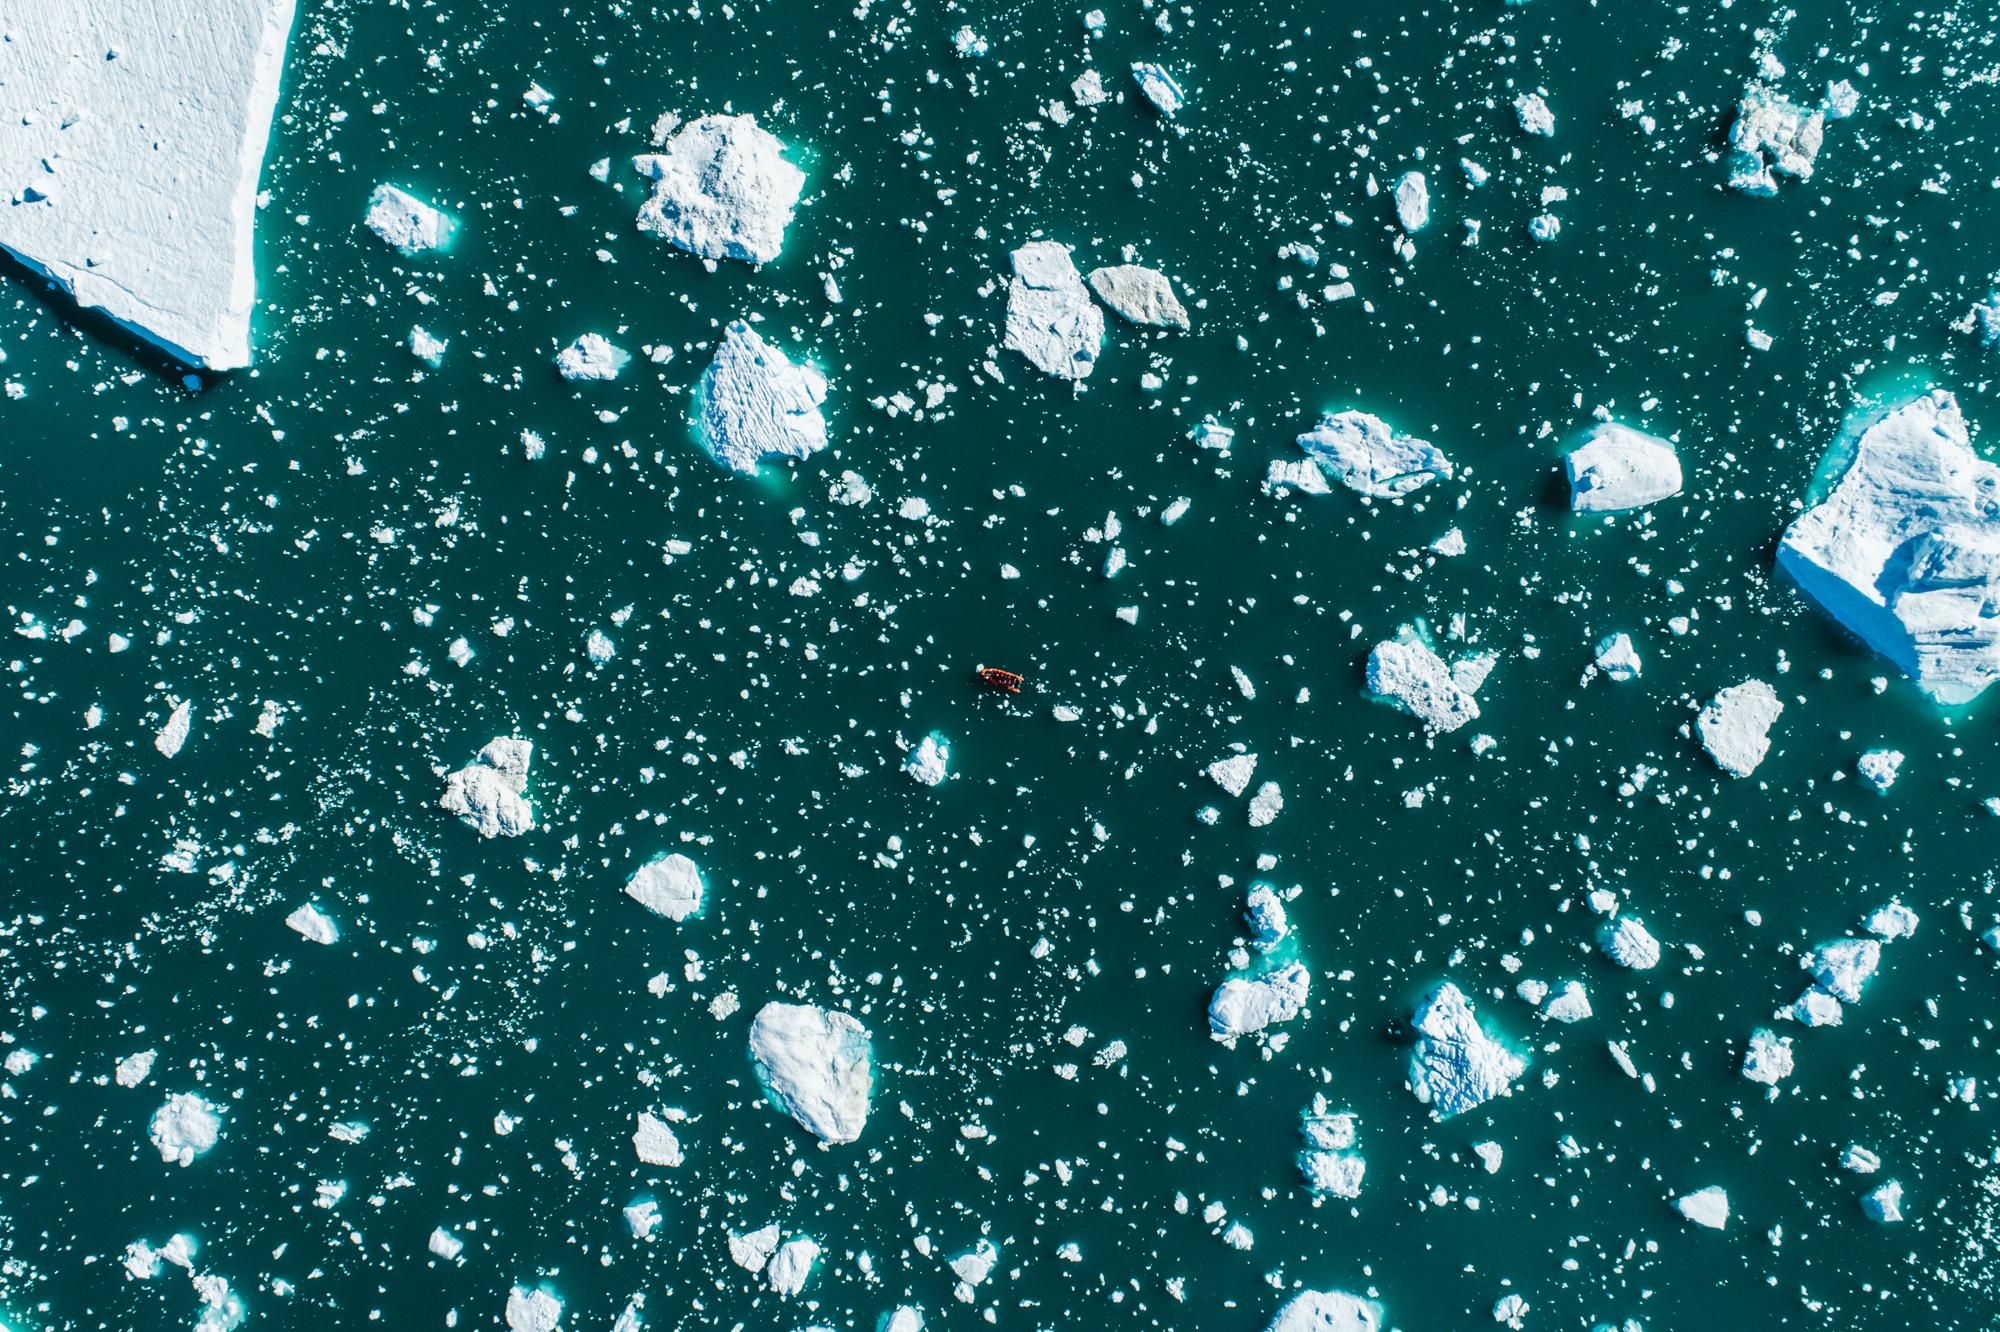 benjamin-hardman-iceland-benjamin-hardman-iceland-DJI_0111.jpg